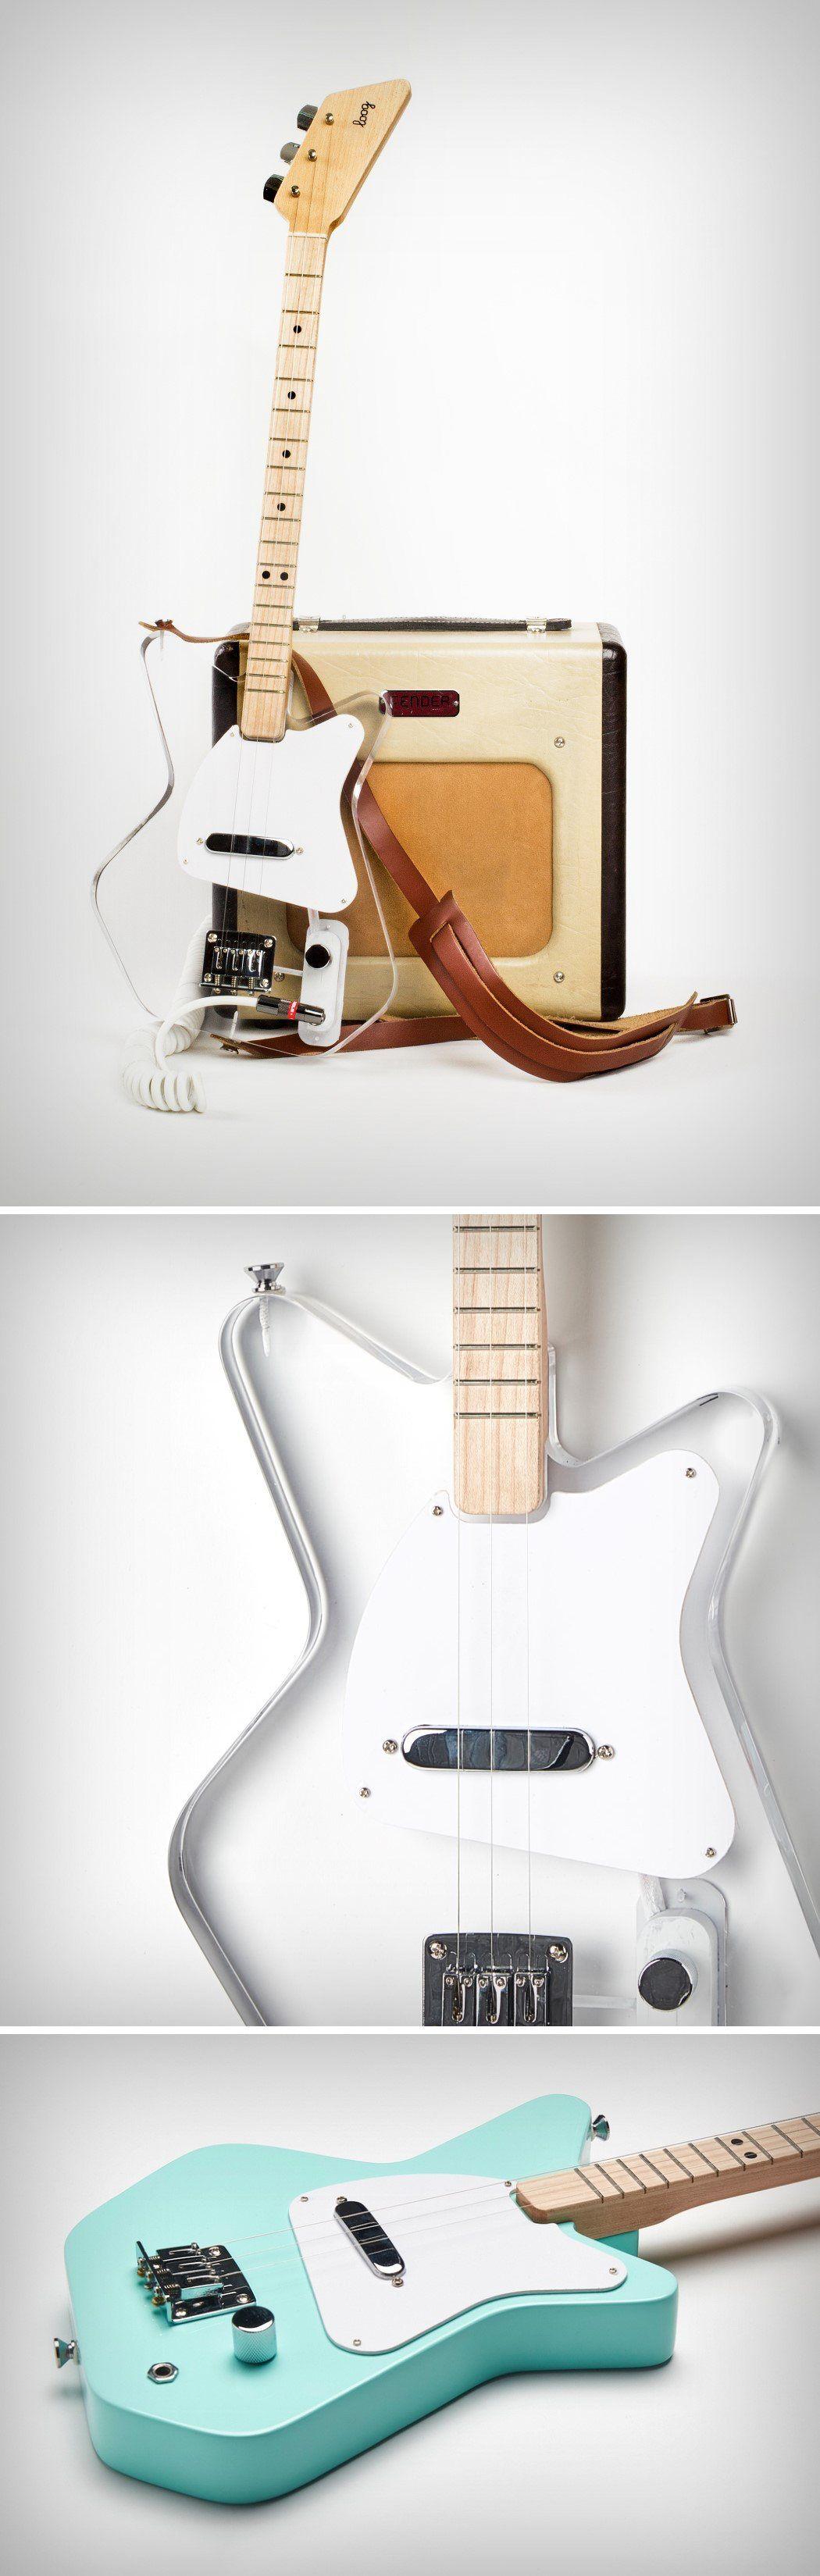 Erkunde Stimmen Einer Gitarre und noch mehr